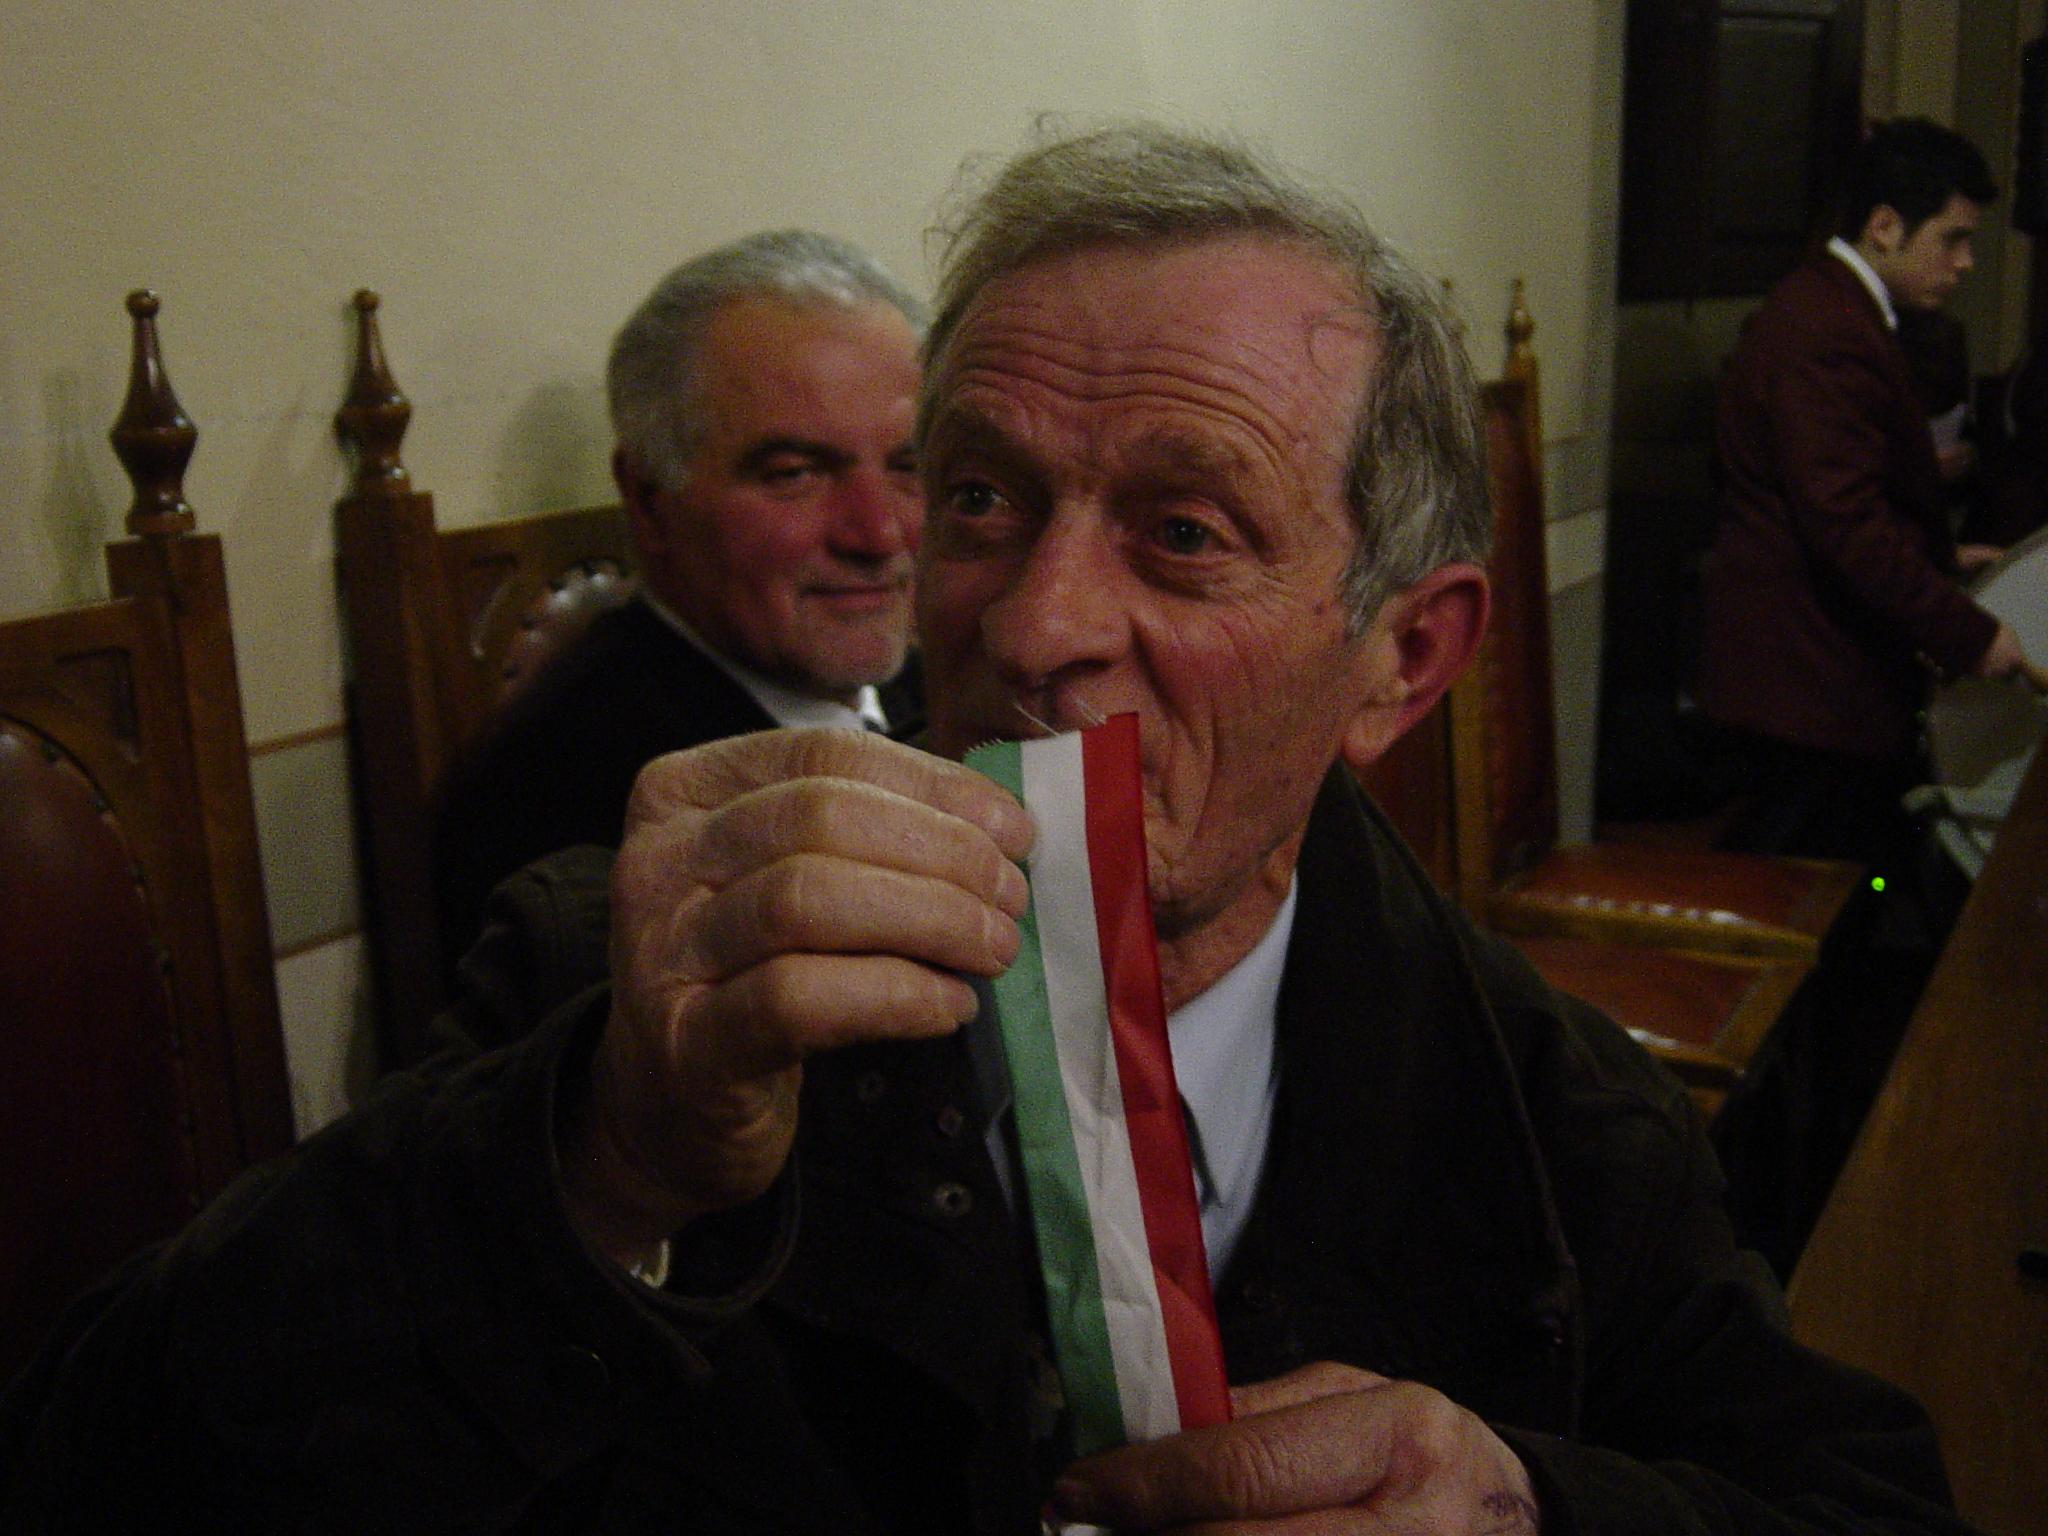 sansepolcro nostro mitico licio pasquini consigliere comunale lega nord 2006-2011 bandiera d'italia